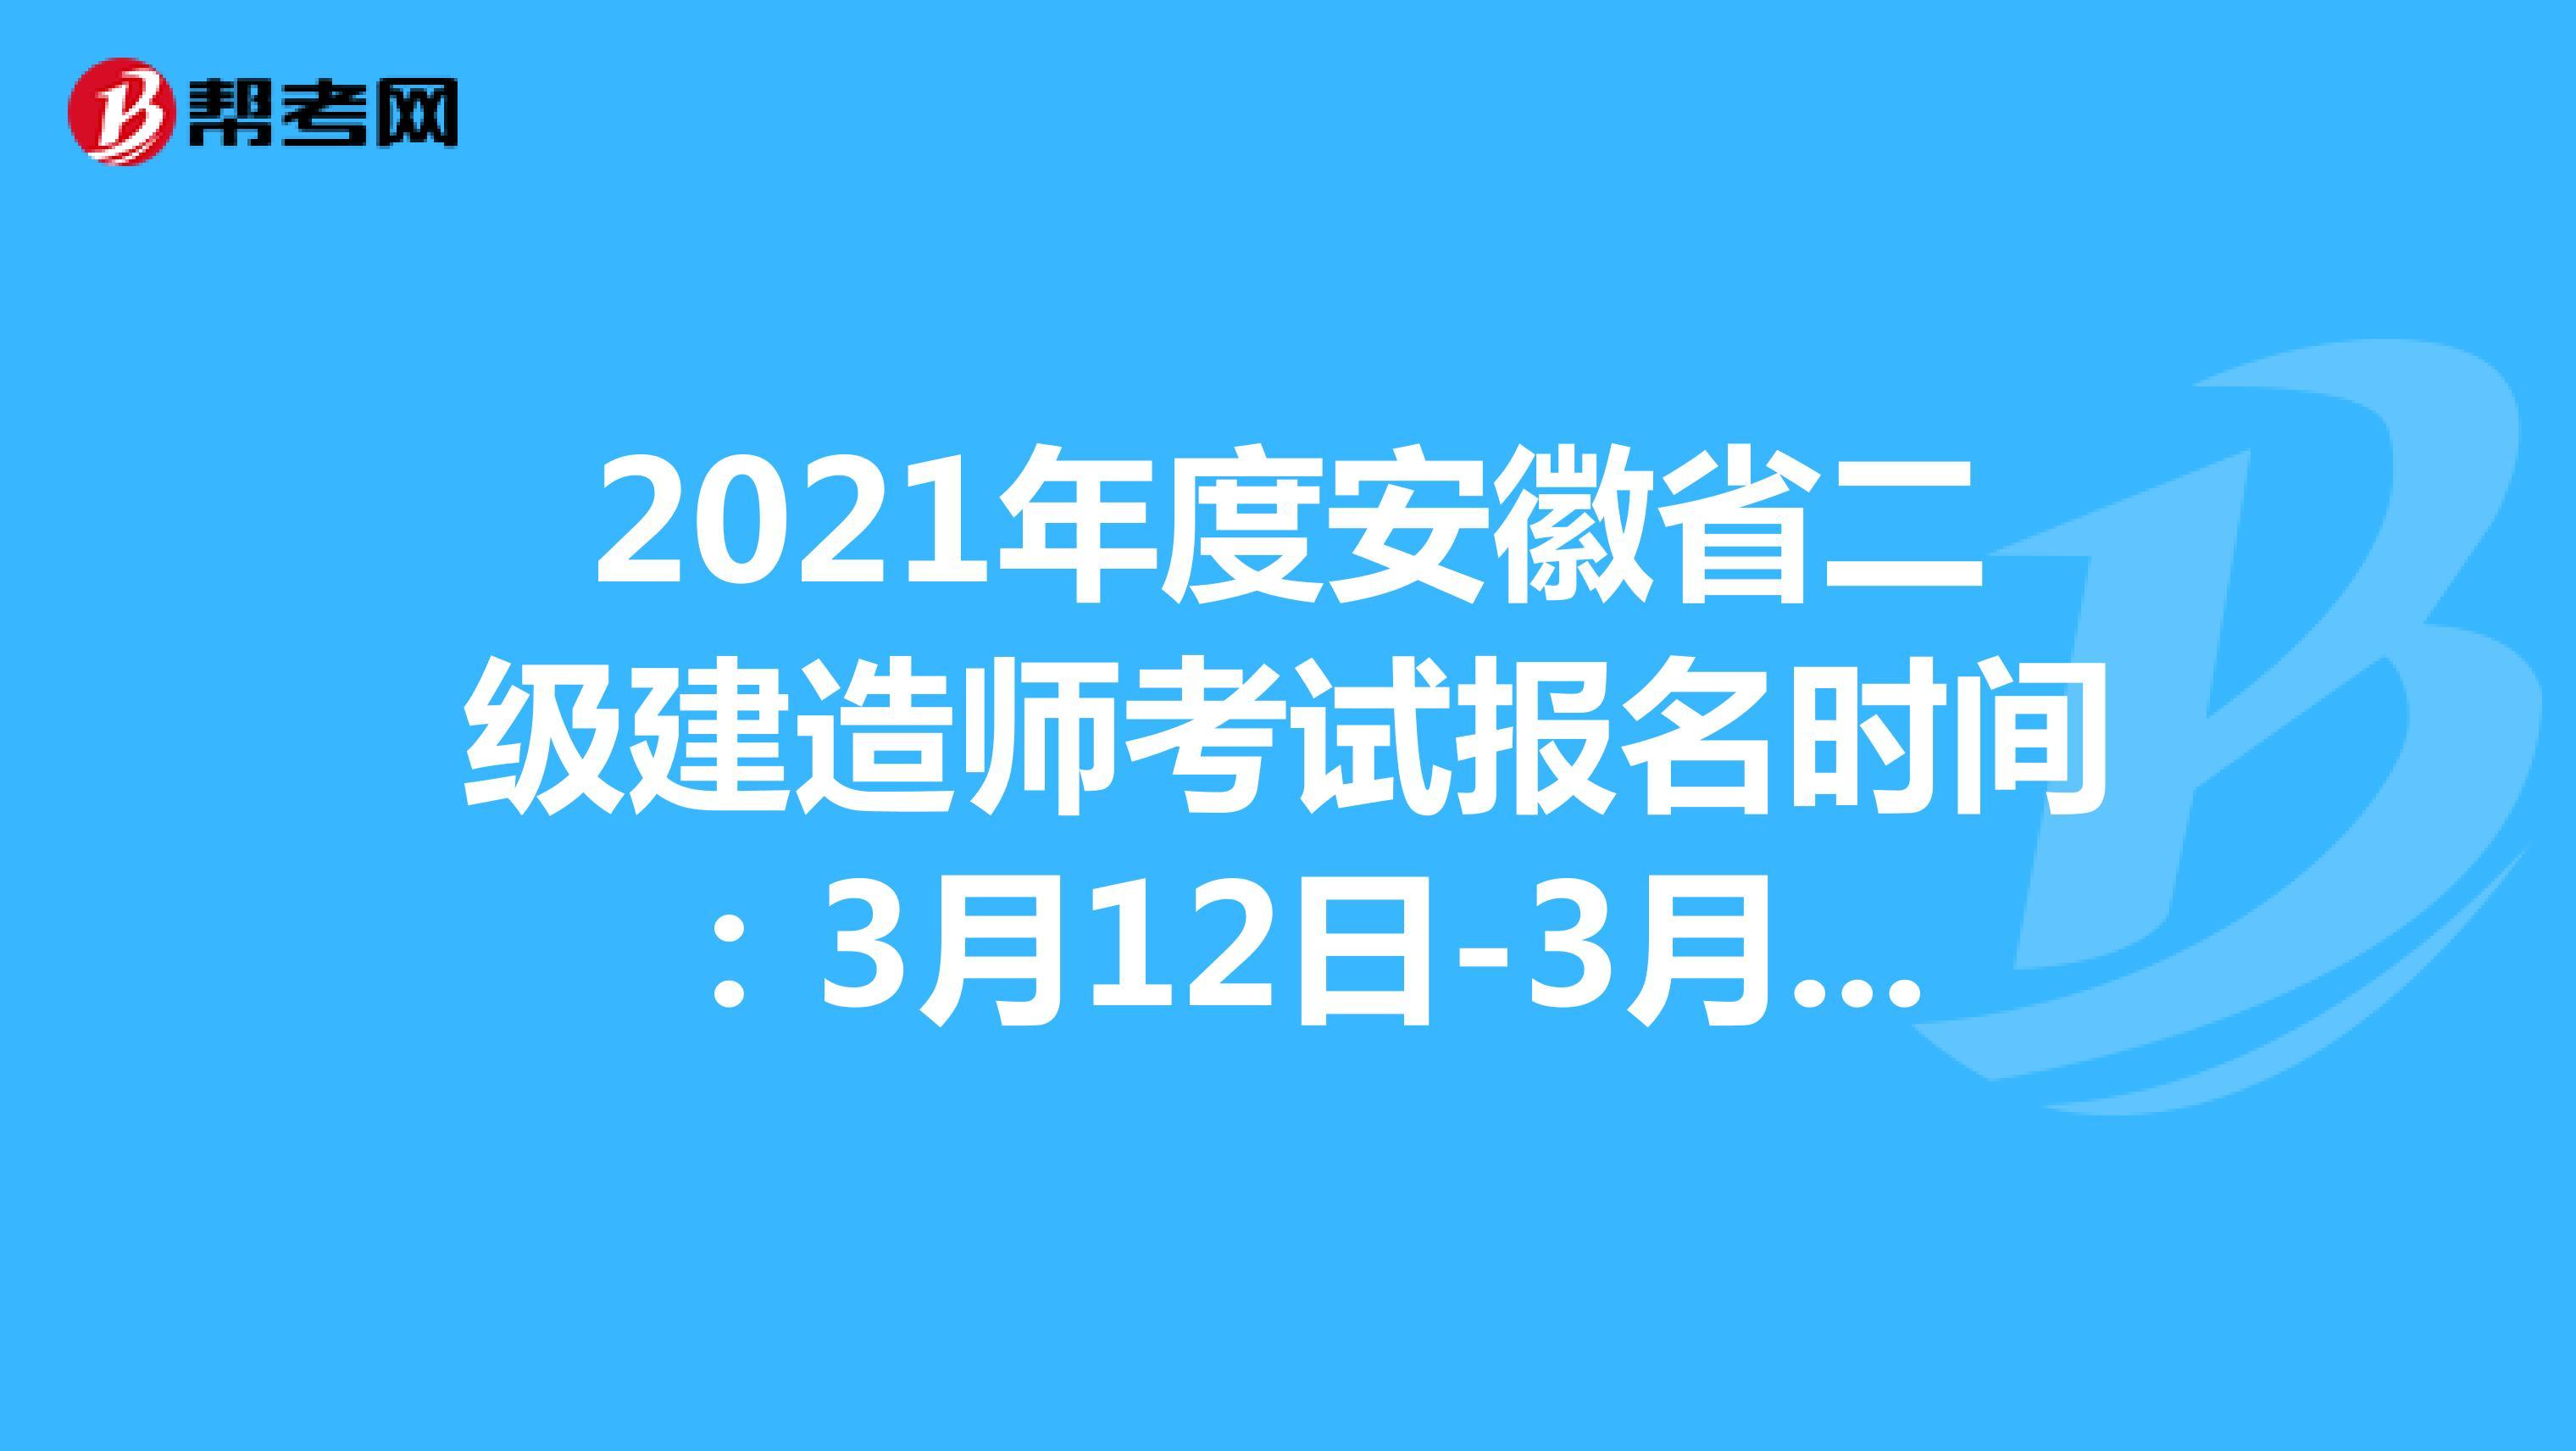 2021年度安徽省二級建造師考試報名時間:3月12日-3月18日